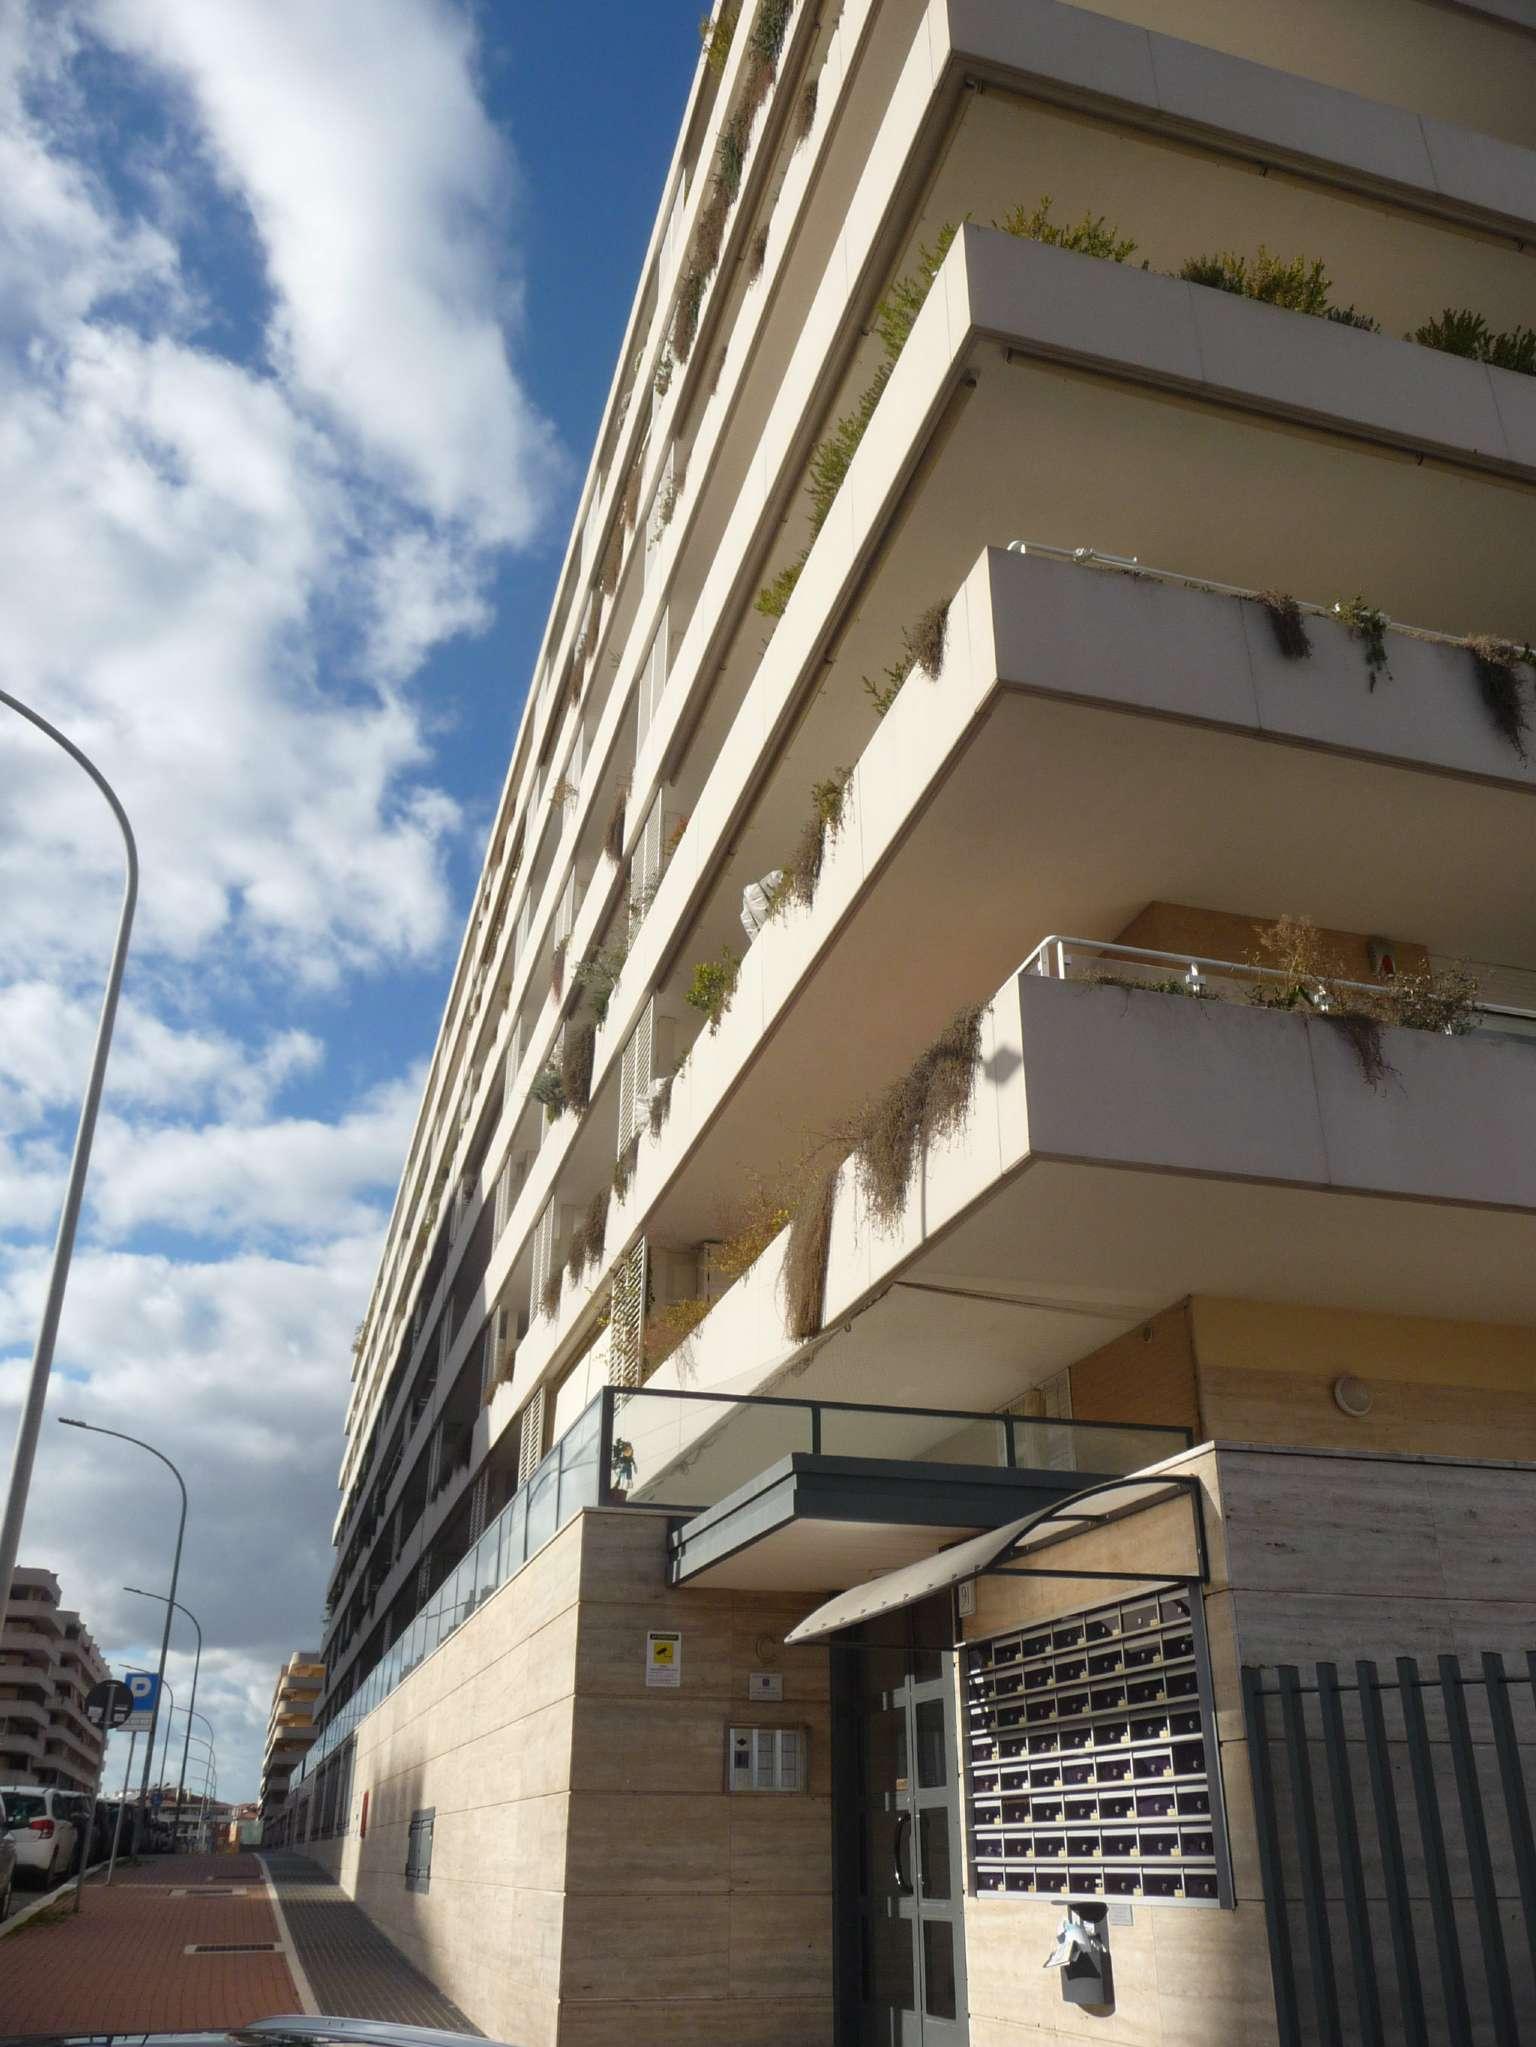 Appartamento in vendita a Roma, 1 locali, zona Zona: 21 . Laurentina, prezzo € 153.000 | CambioCasa.it